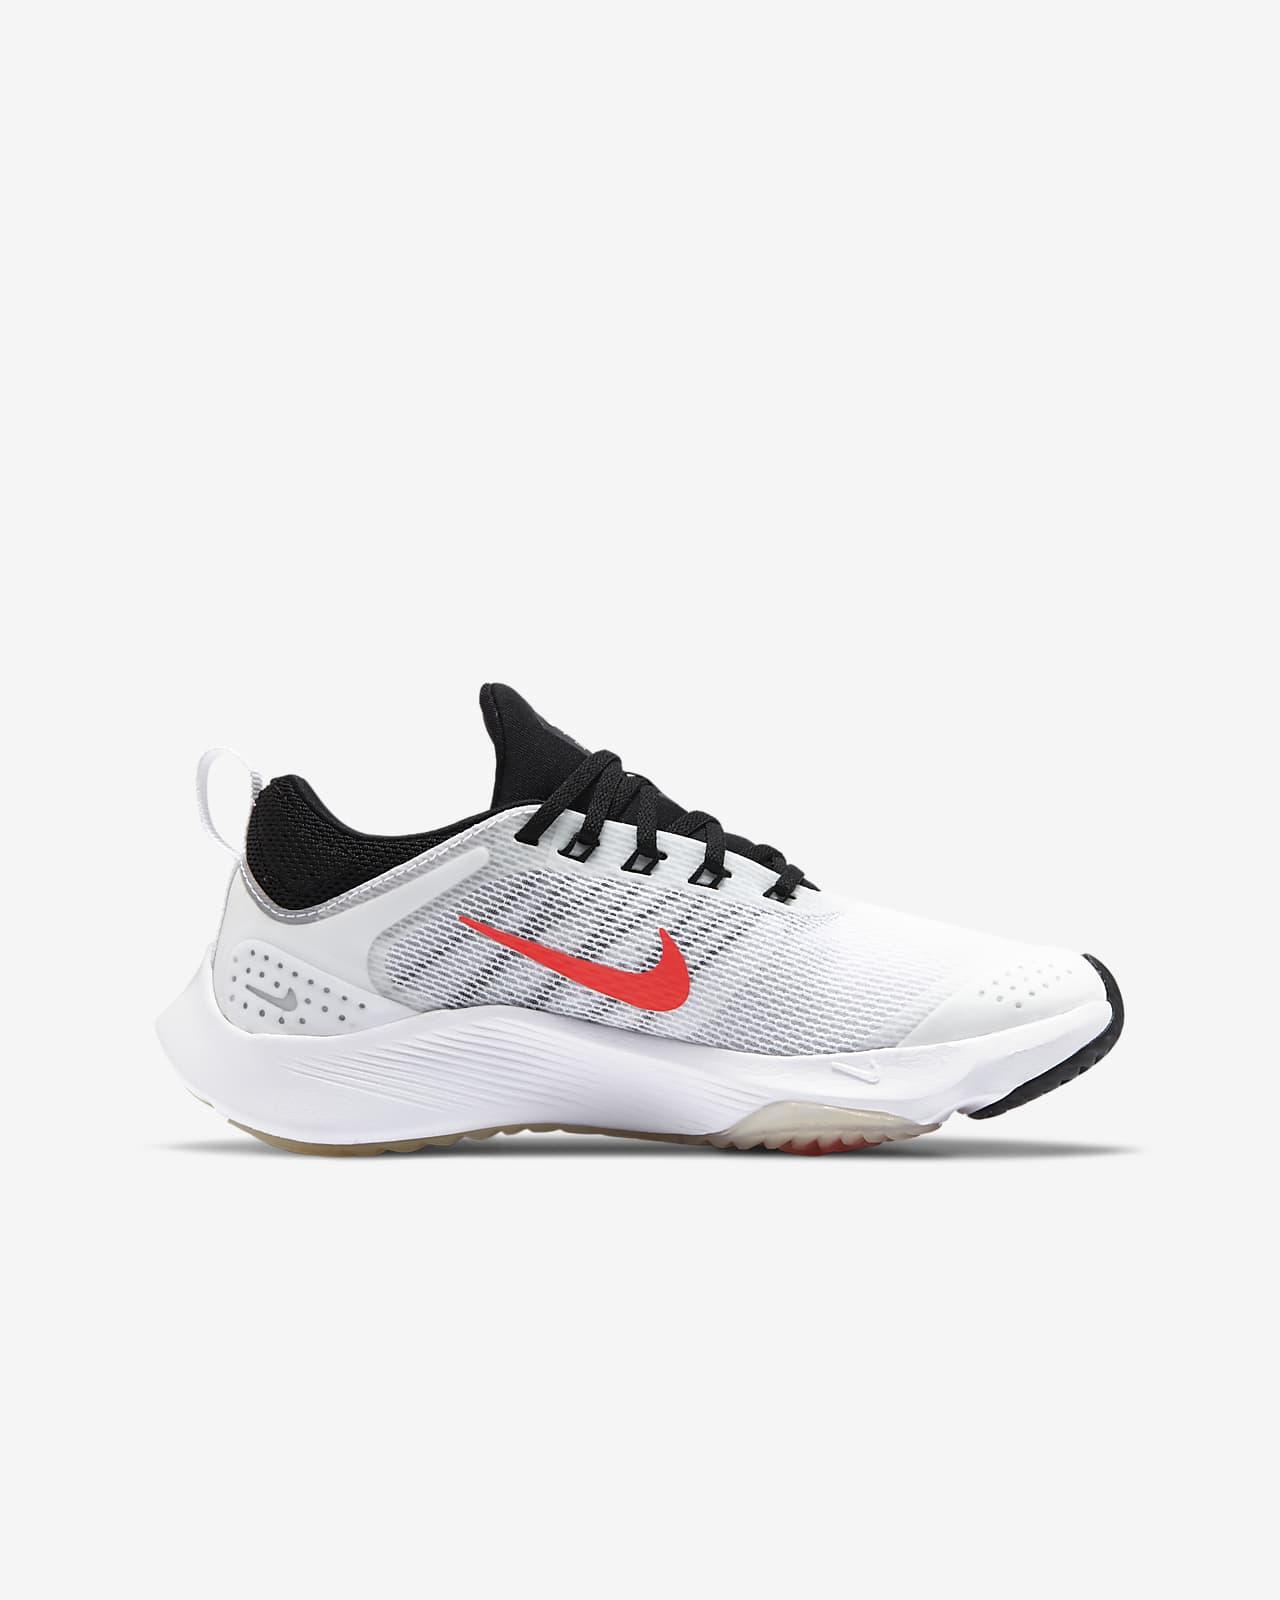 izquierda Camión golpeado capitalismo  Nike Air Zoom Speed Zapatillas de running - Niño/a y niño/a pequeño/a. Nike  ES